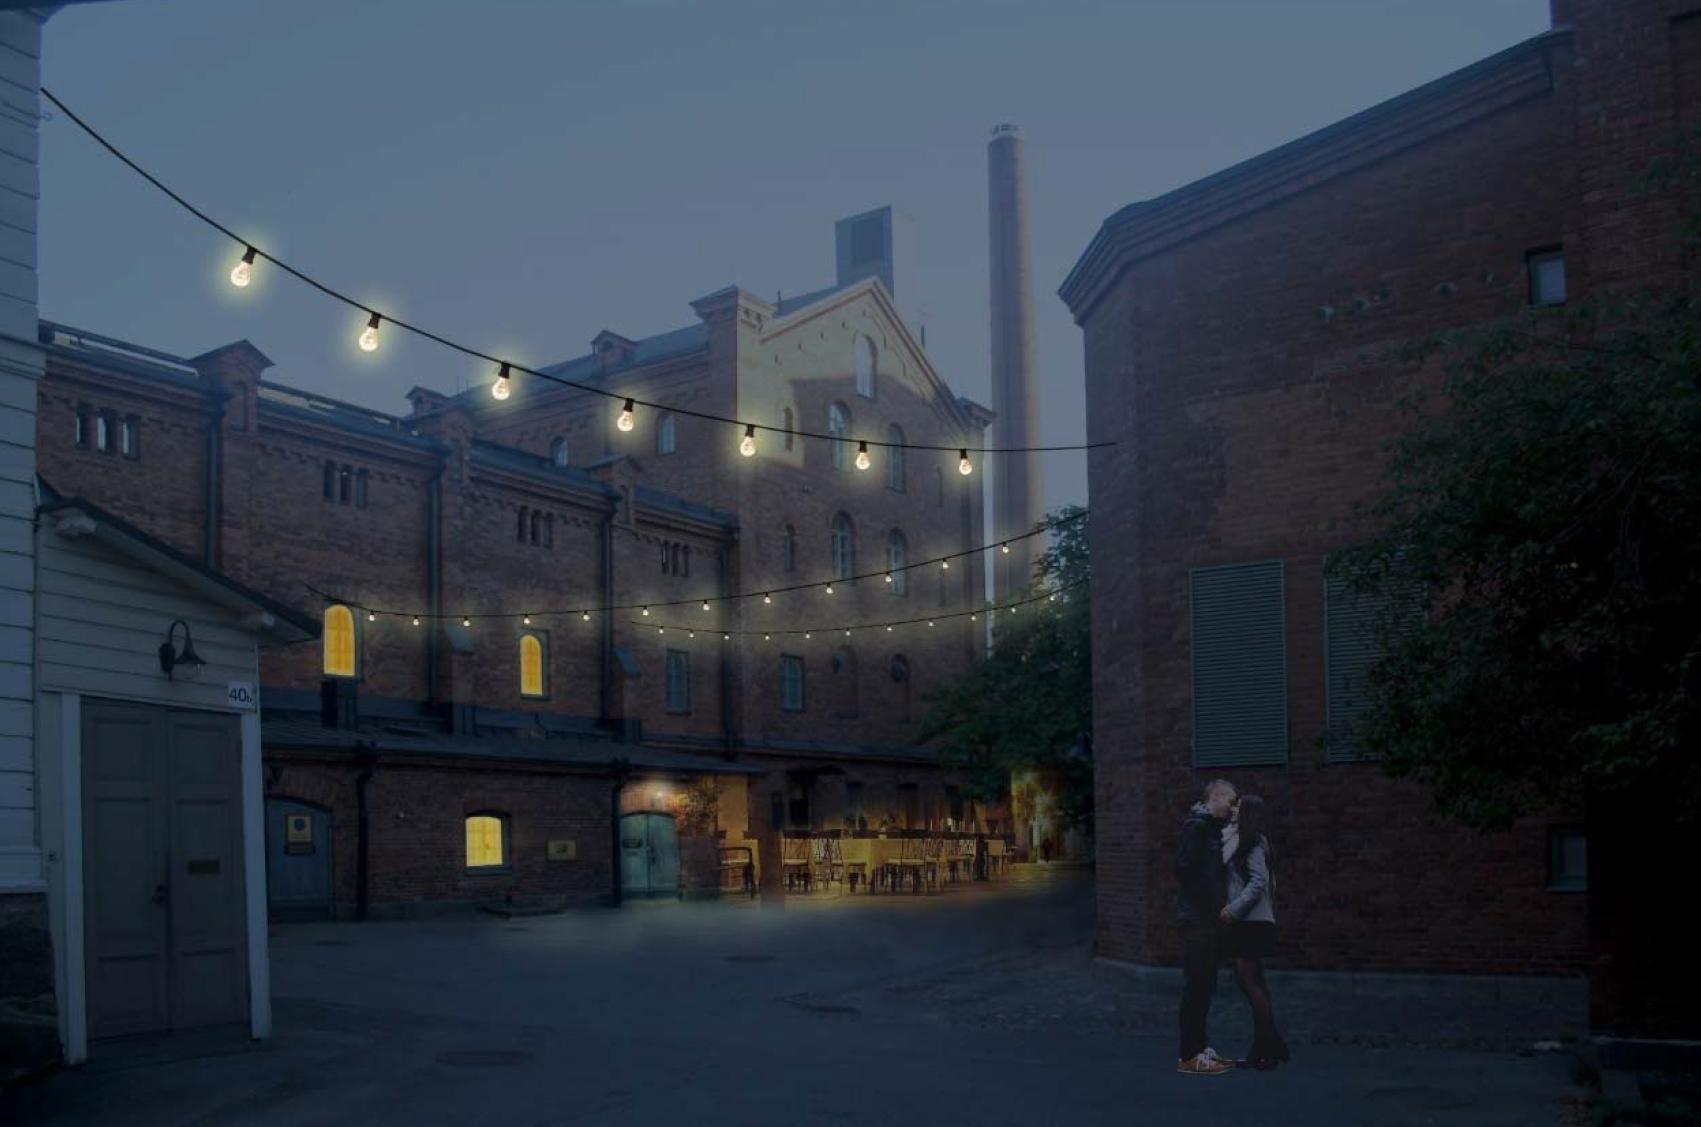 Kaupunkisuunnittelua: Koffin kortteeliin ravintolamaailma